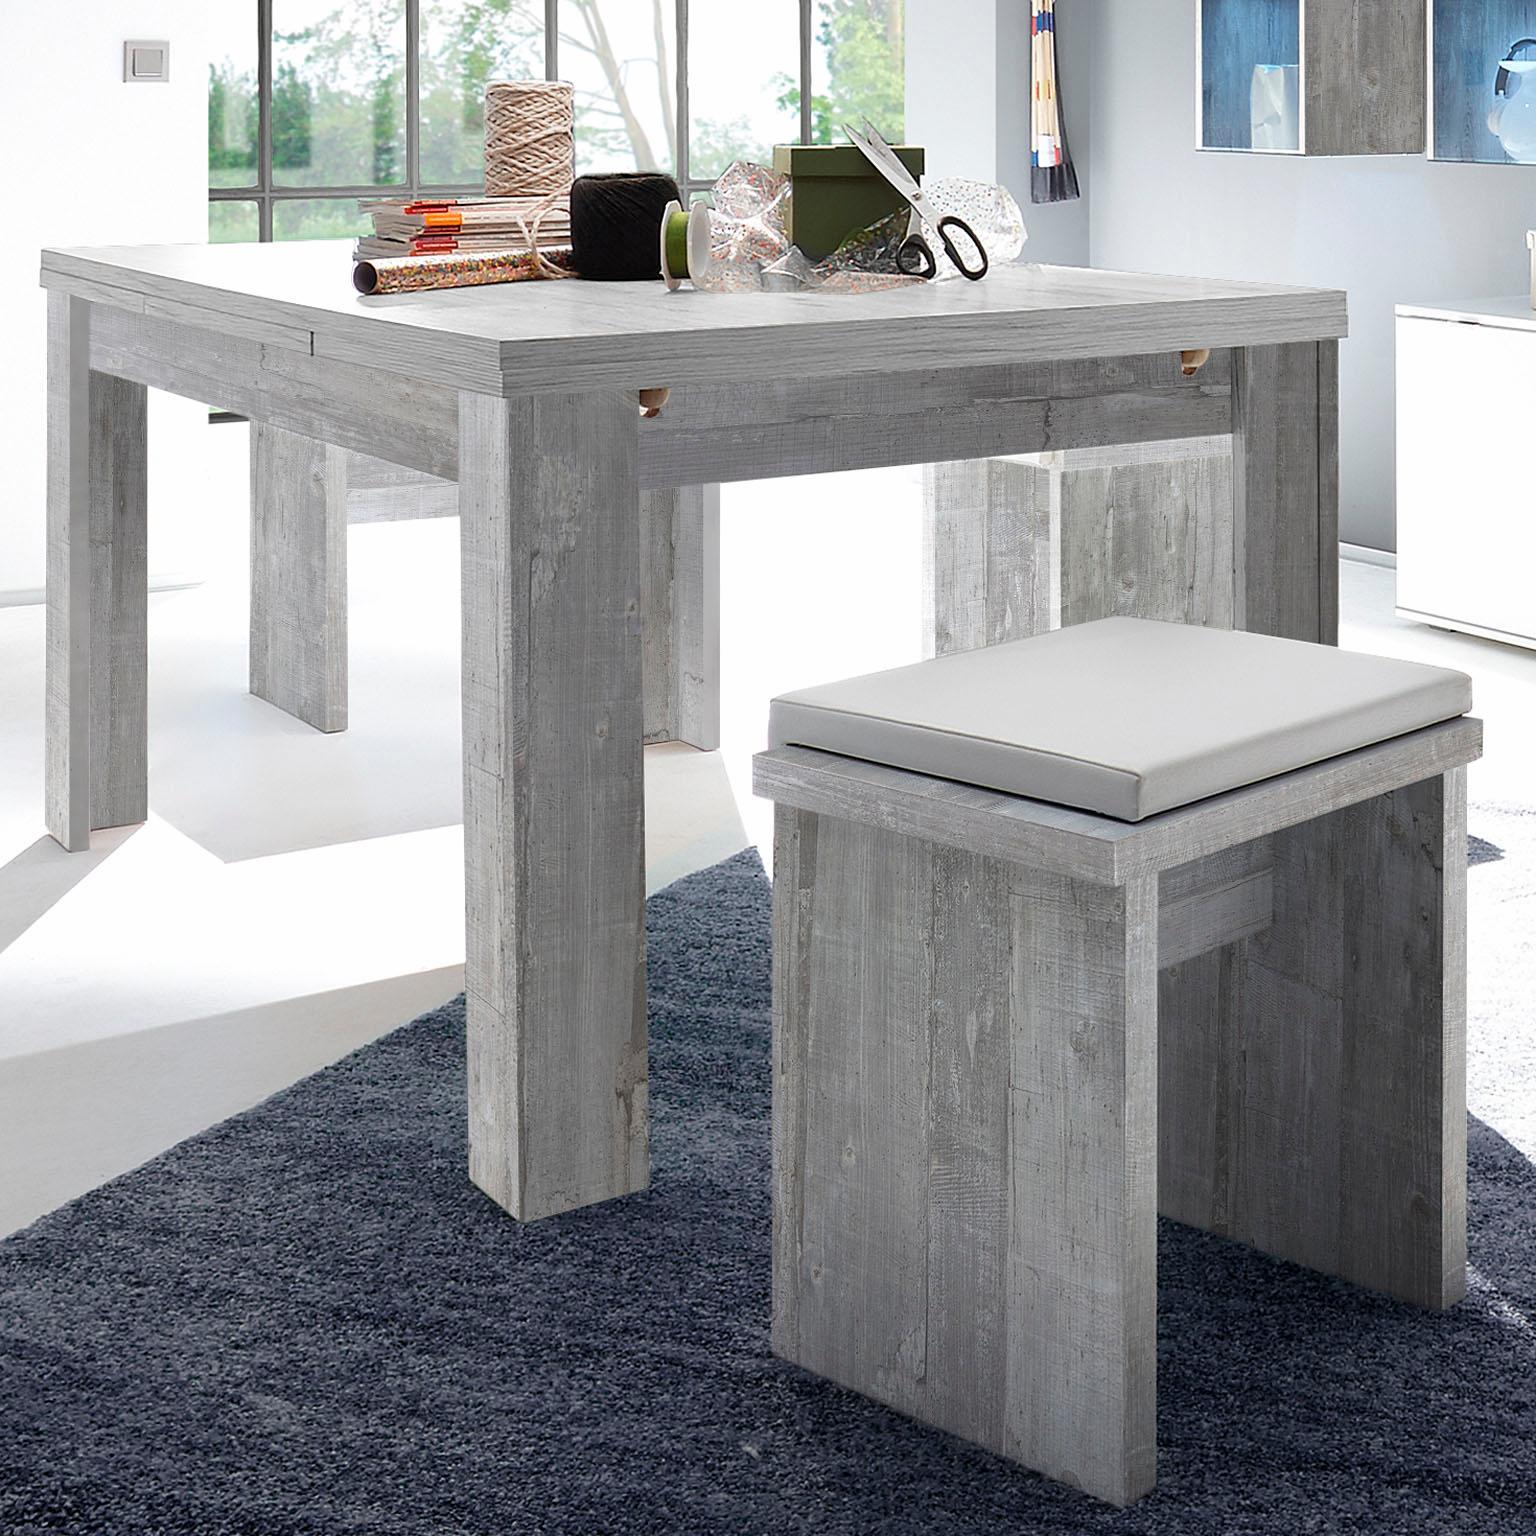 Mäusbacher Esstisch, ausziehbar, Breite 180-280 cm grau Esstisch Ausziehbare Esstische Tische